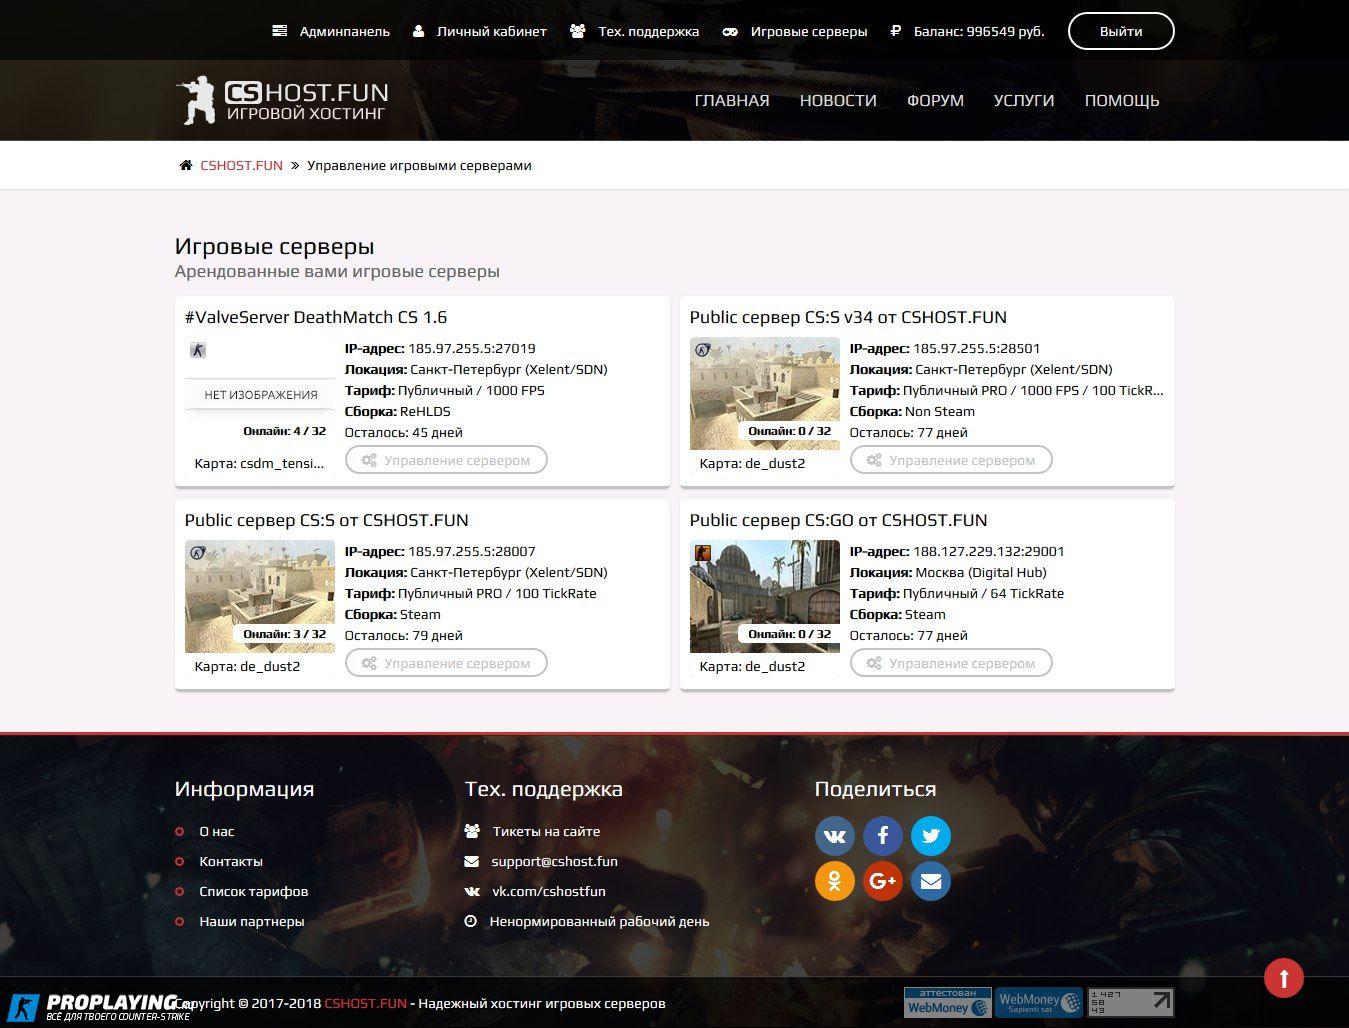 Хостинг игровых серверов кс 1 6 в москве регистрация доменного имени и хостинг